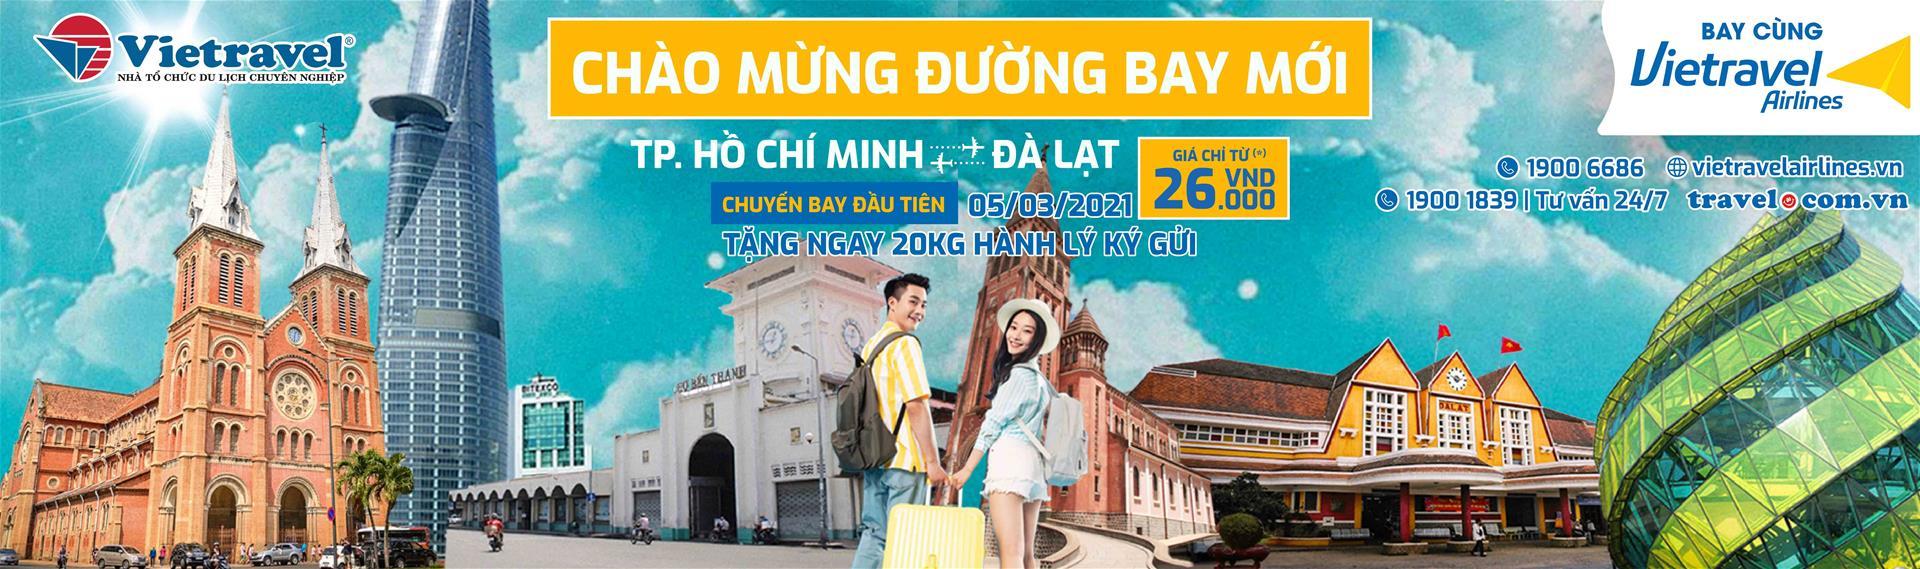 Chào mừng đường bay mới HCM, Đà Lạt